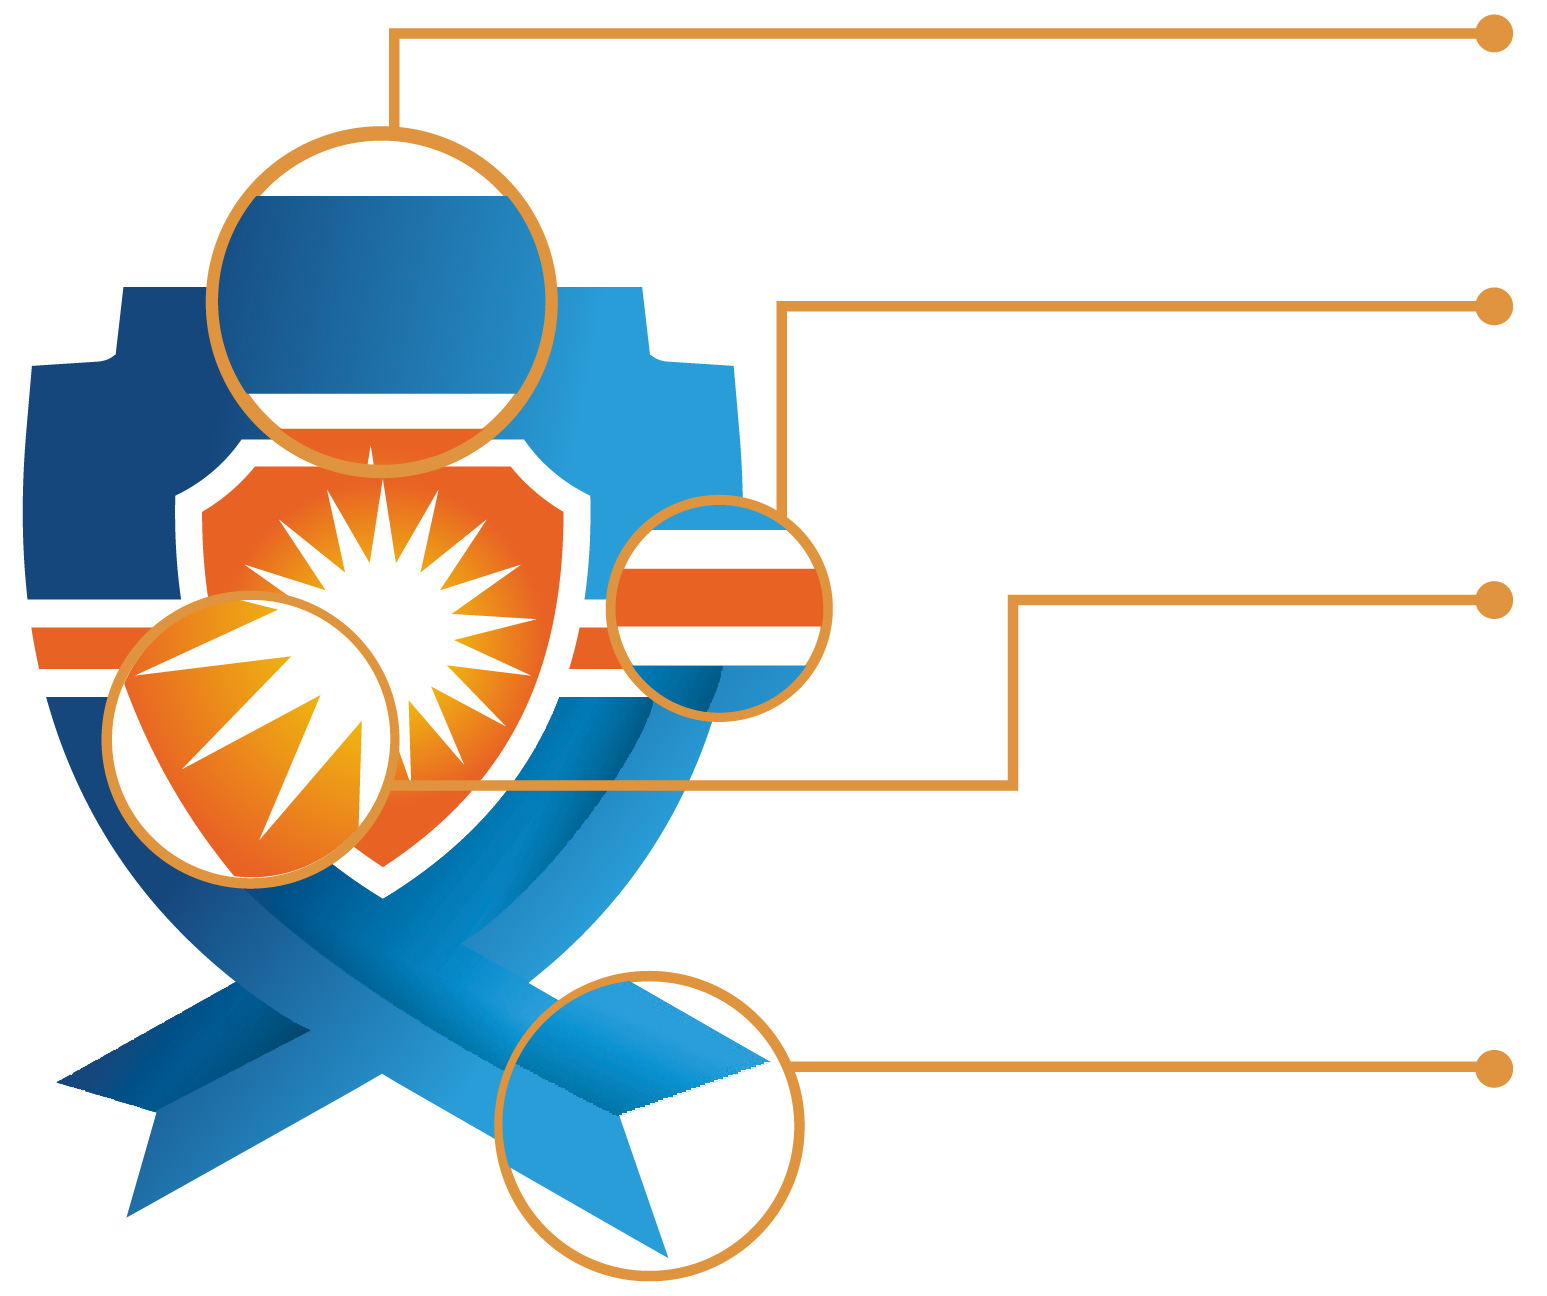 SSG-Logo-description-graphic-01